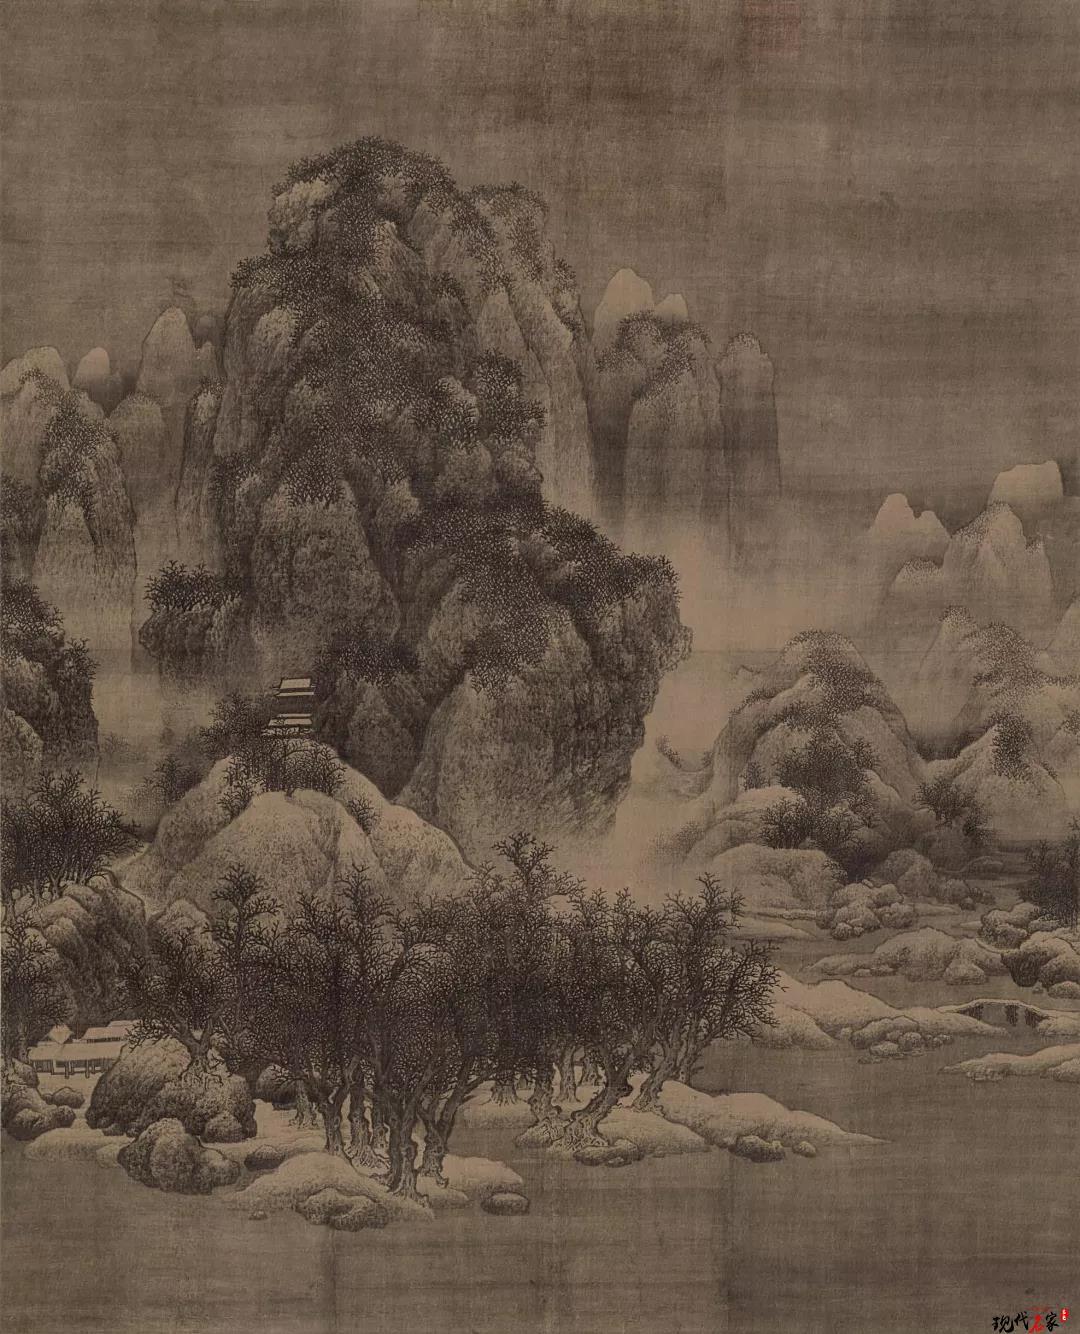 卢禹舜 | 宋代山水画开始注重内心的体验,追求心物圆融的境界